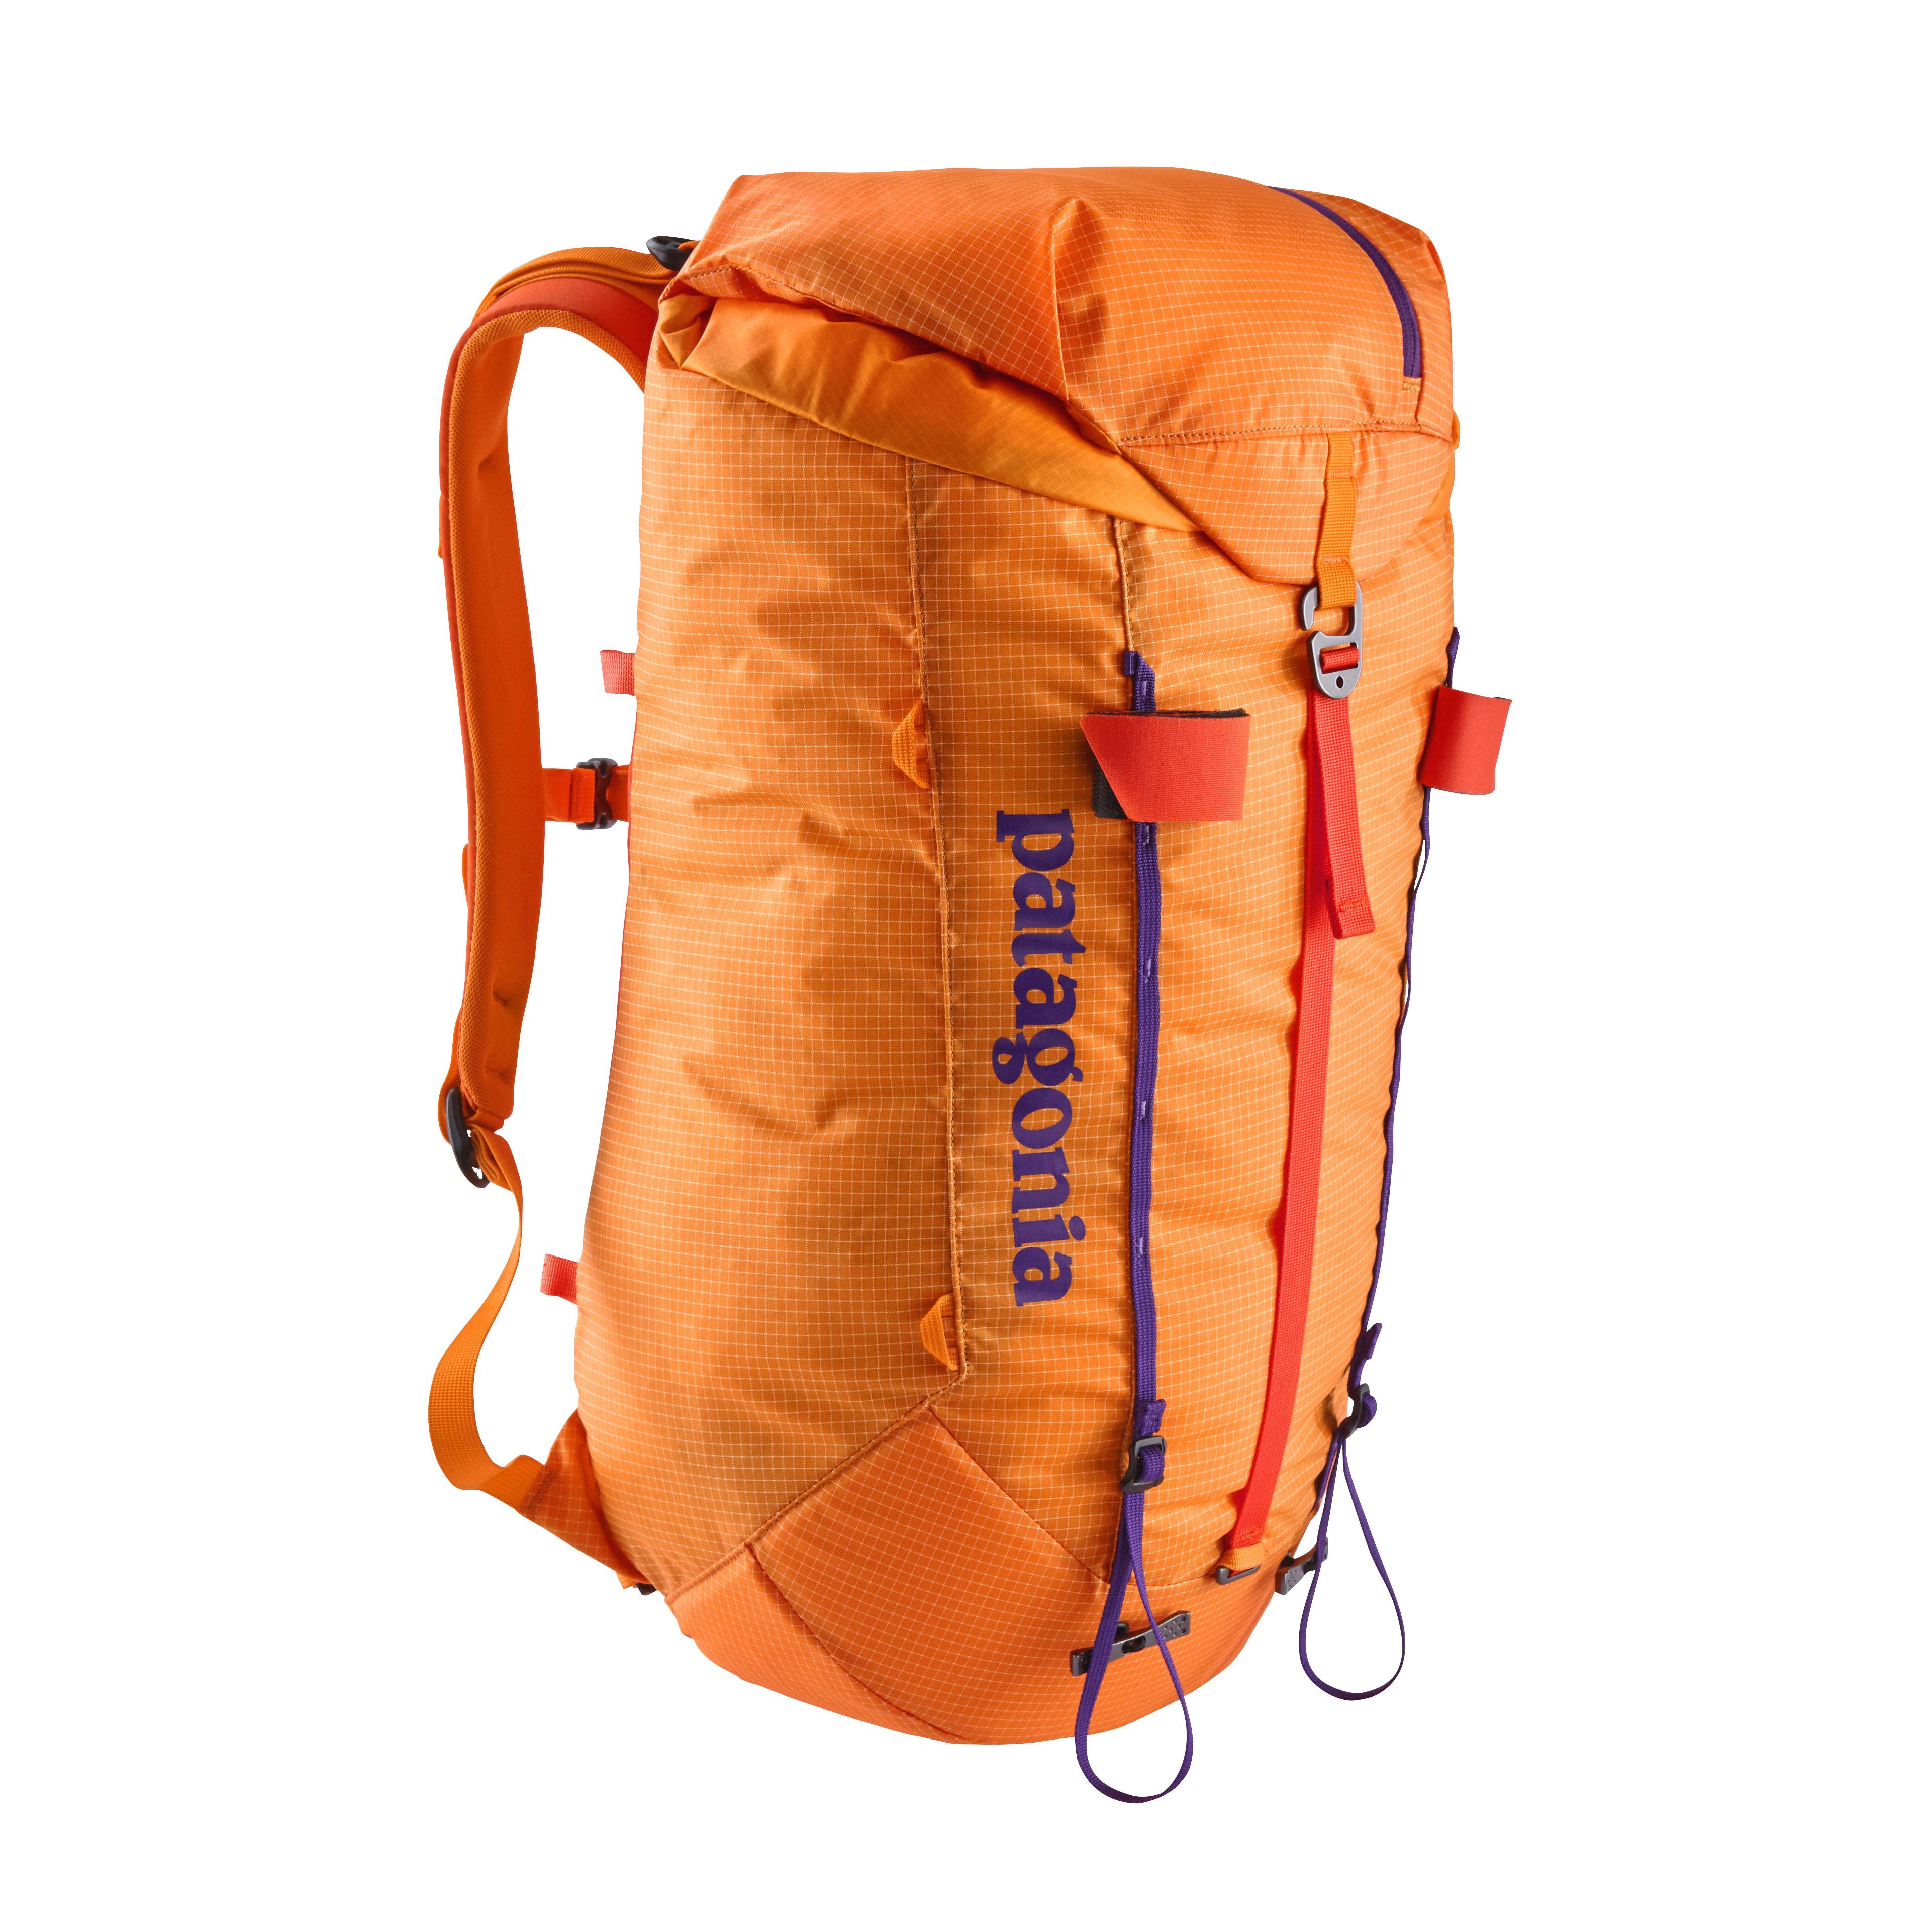 Patagonia Ascensionist Pack 30 L - Rucksack